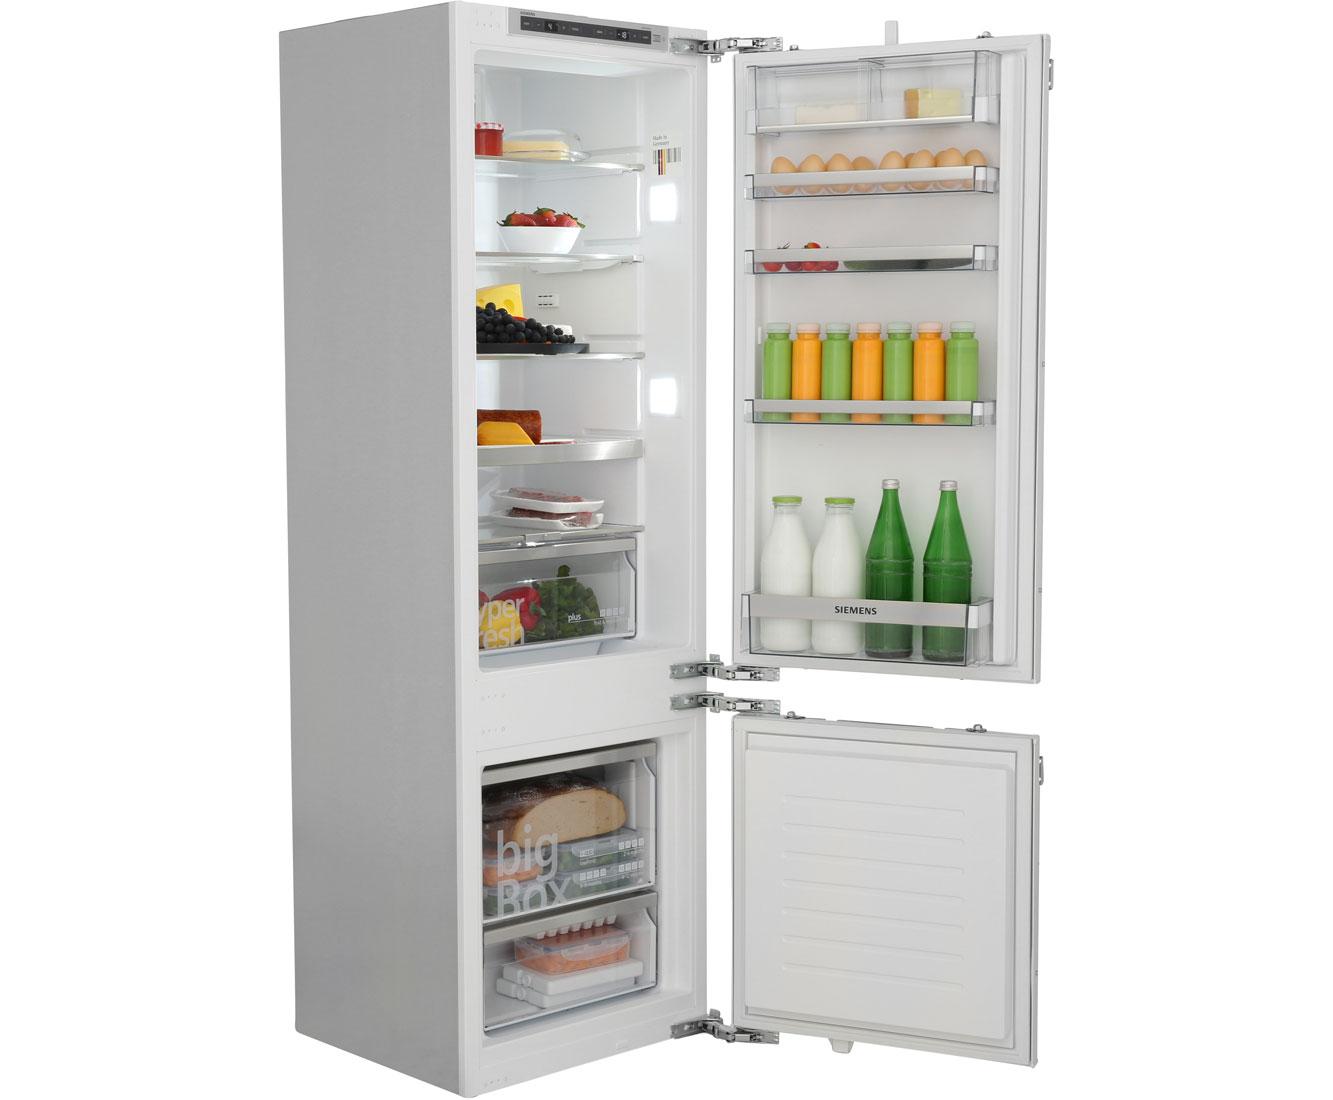 Bosch Kühlschrank Urlaubsschaltung : Siemens kühlschrank urlaubsschaltung siemens km fai ab u ac